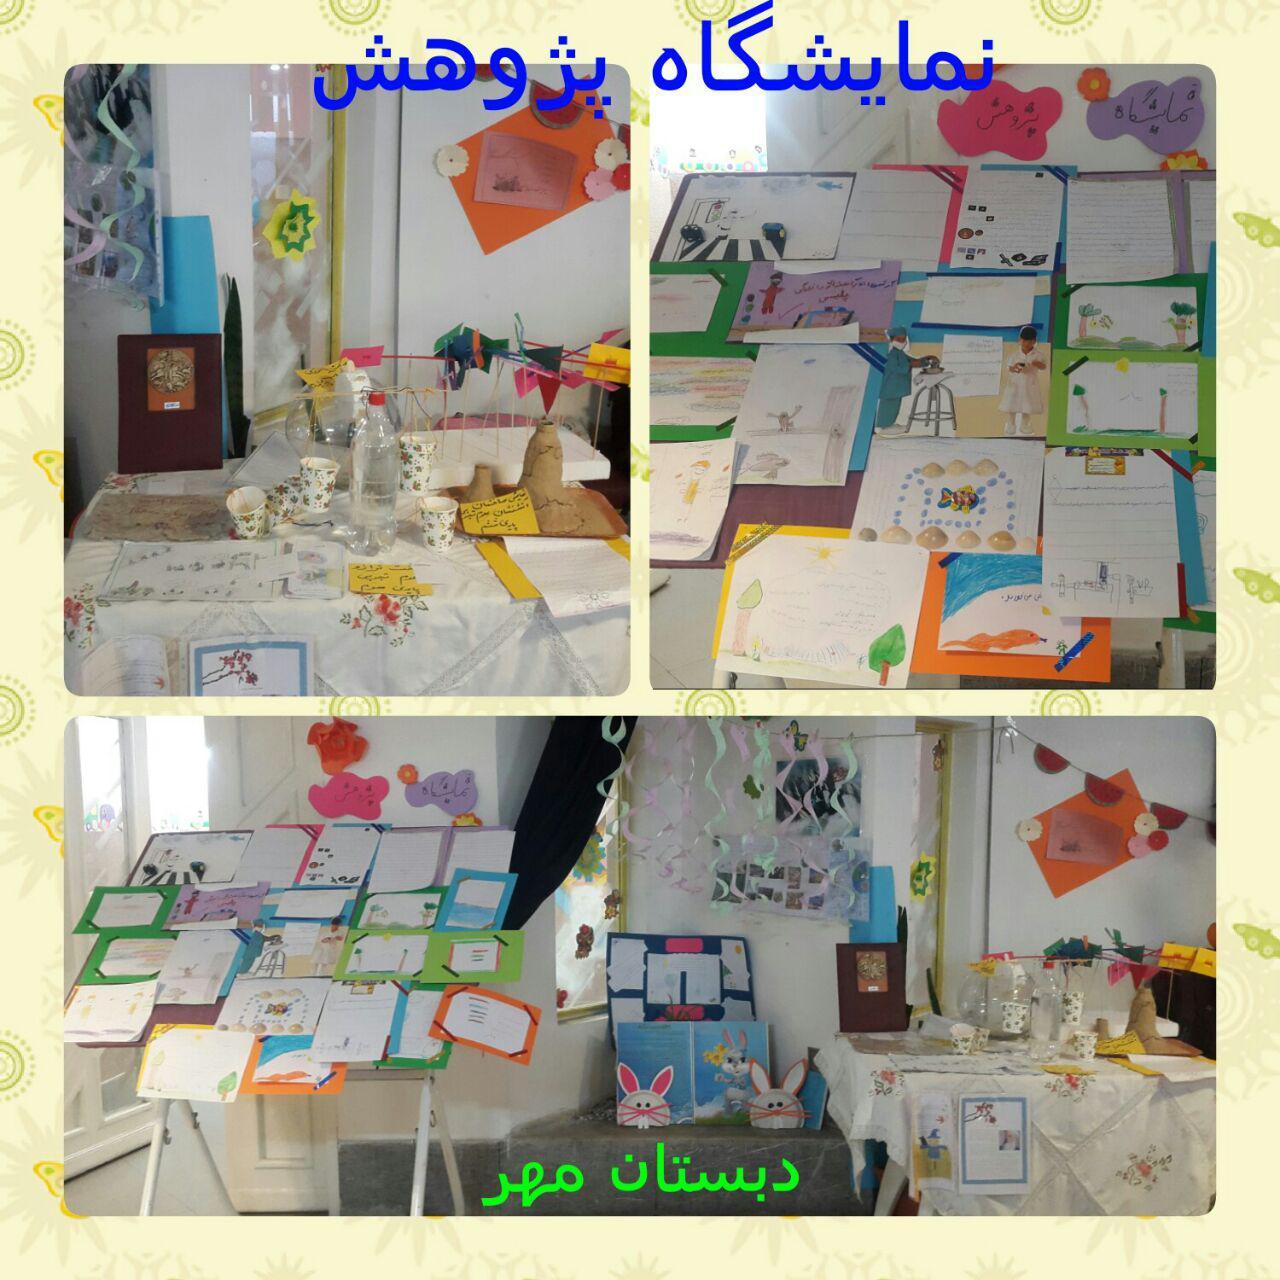 نمایشگاه پژوهش